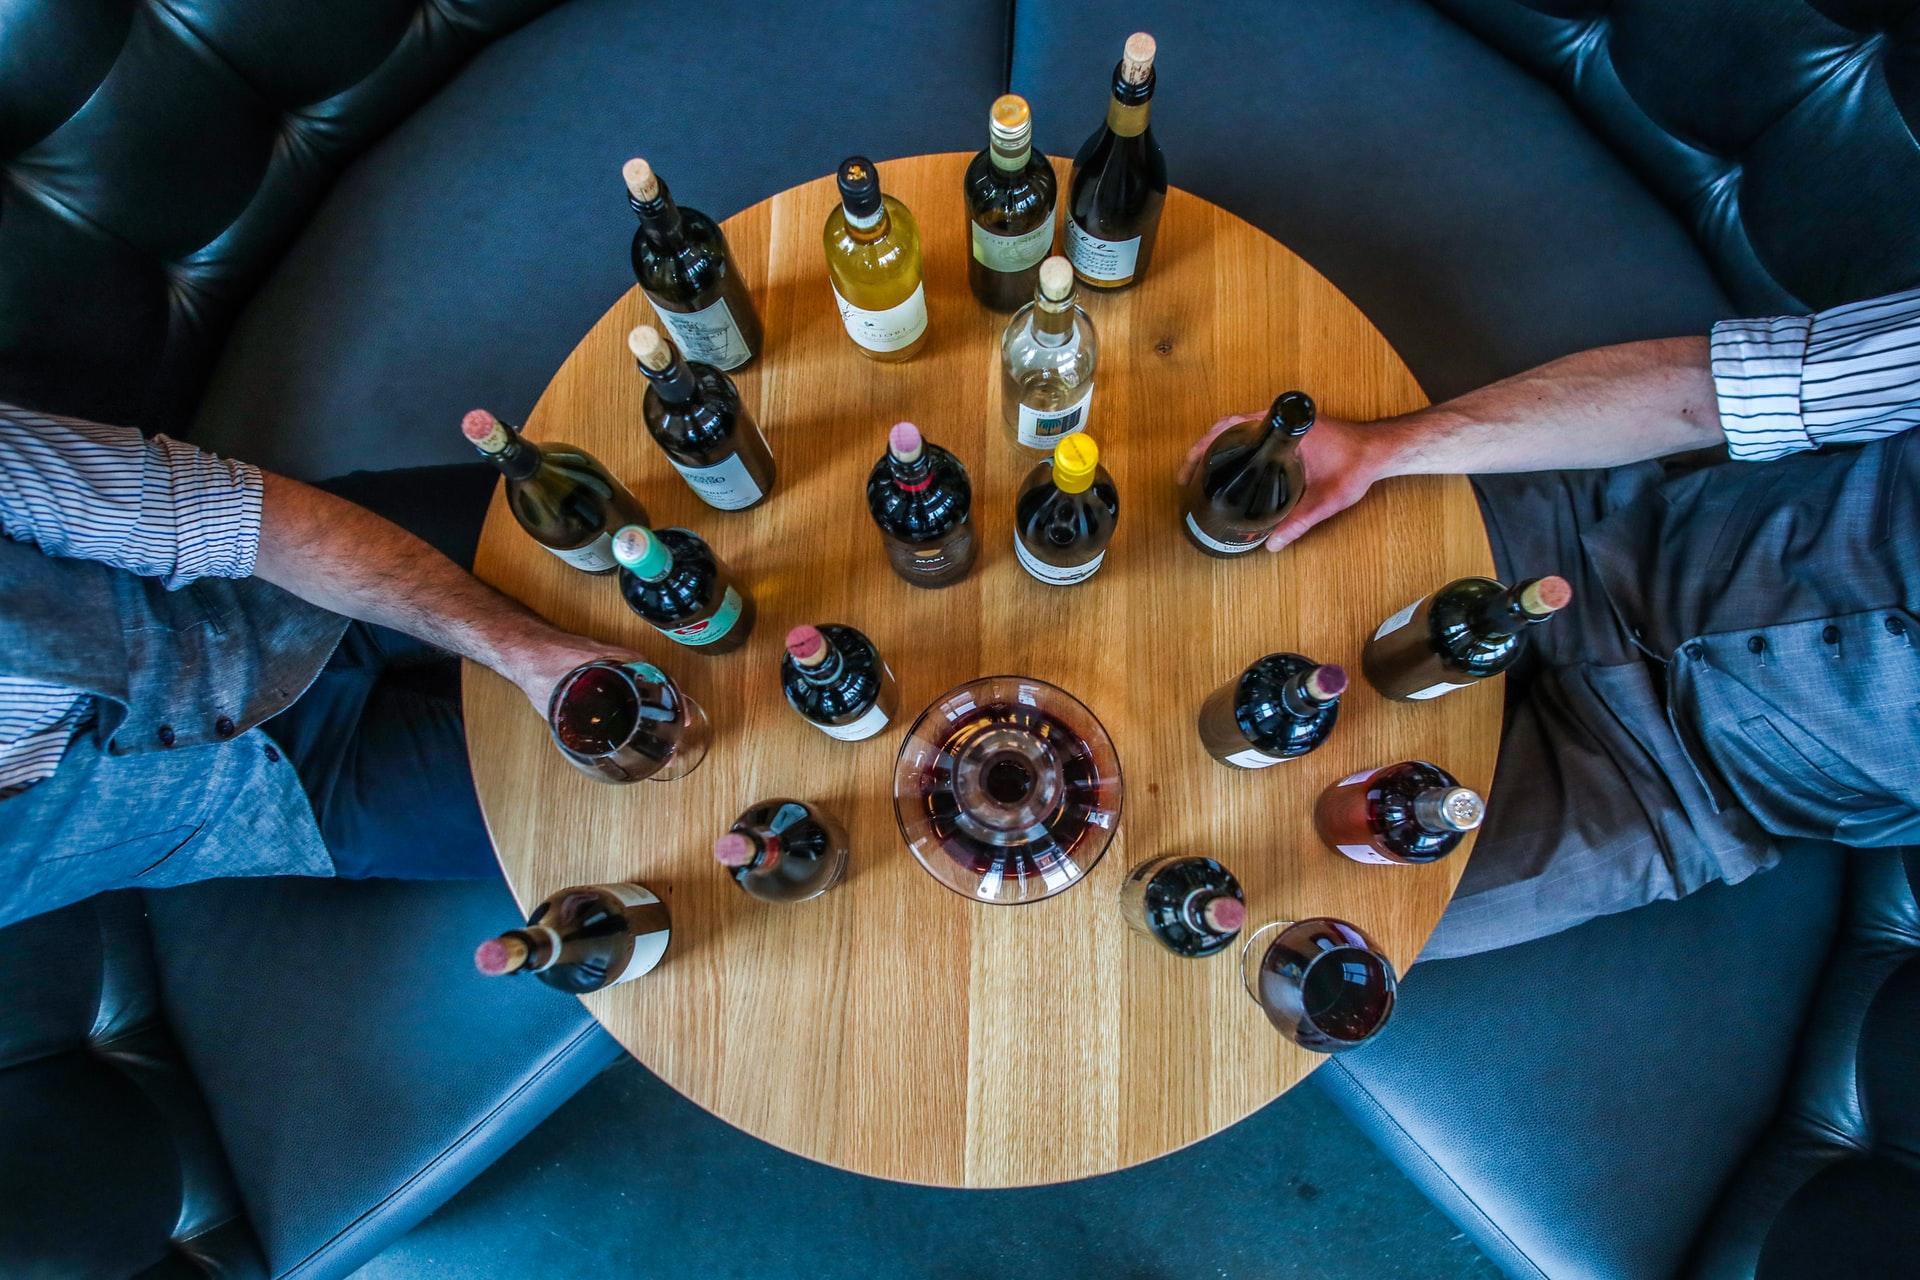 mesa com várias garrafas de vinho